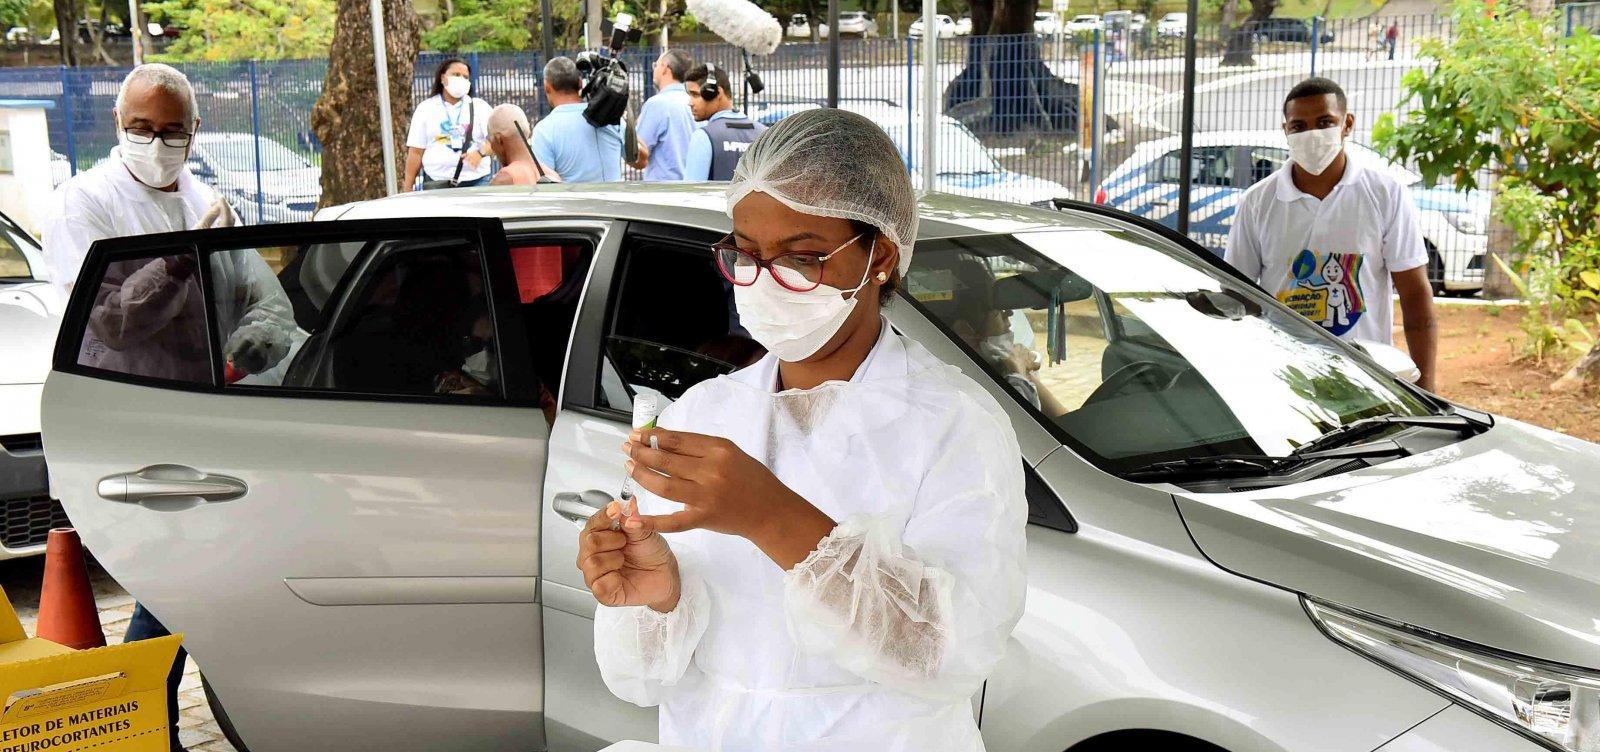 [Vacinação contra gripe em Salvador imuniza mais de 250 mil pessoas em 10 dias, diz SMS]